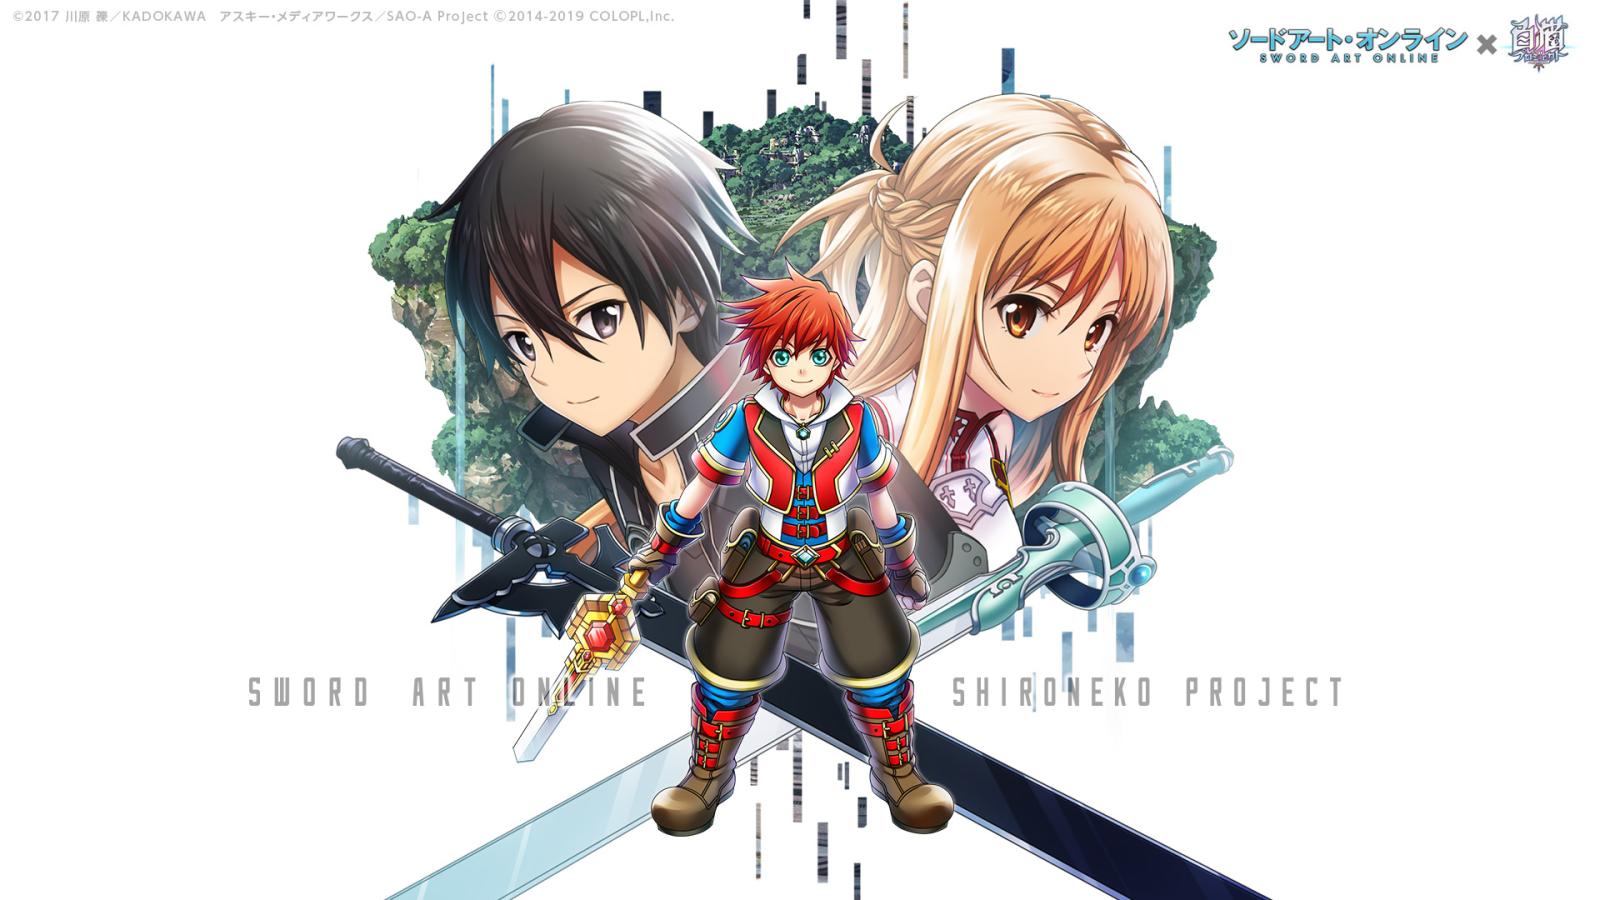 1600x900 Sword Art Online Crossover Shironeko Project